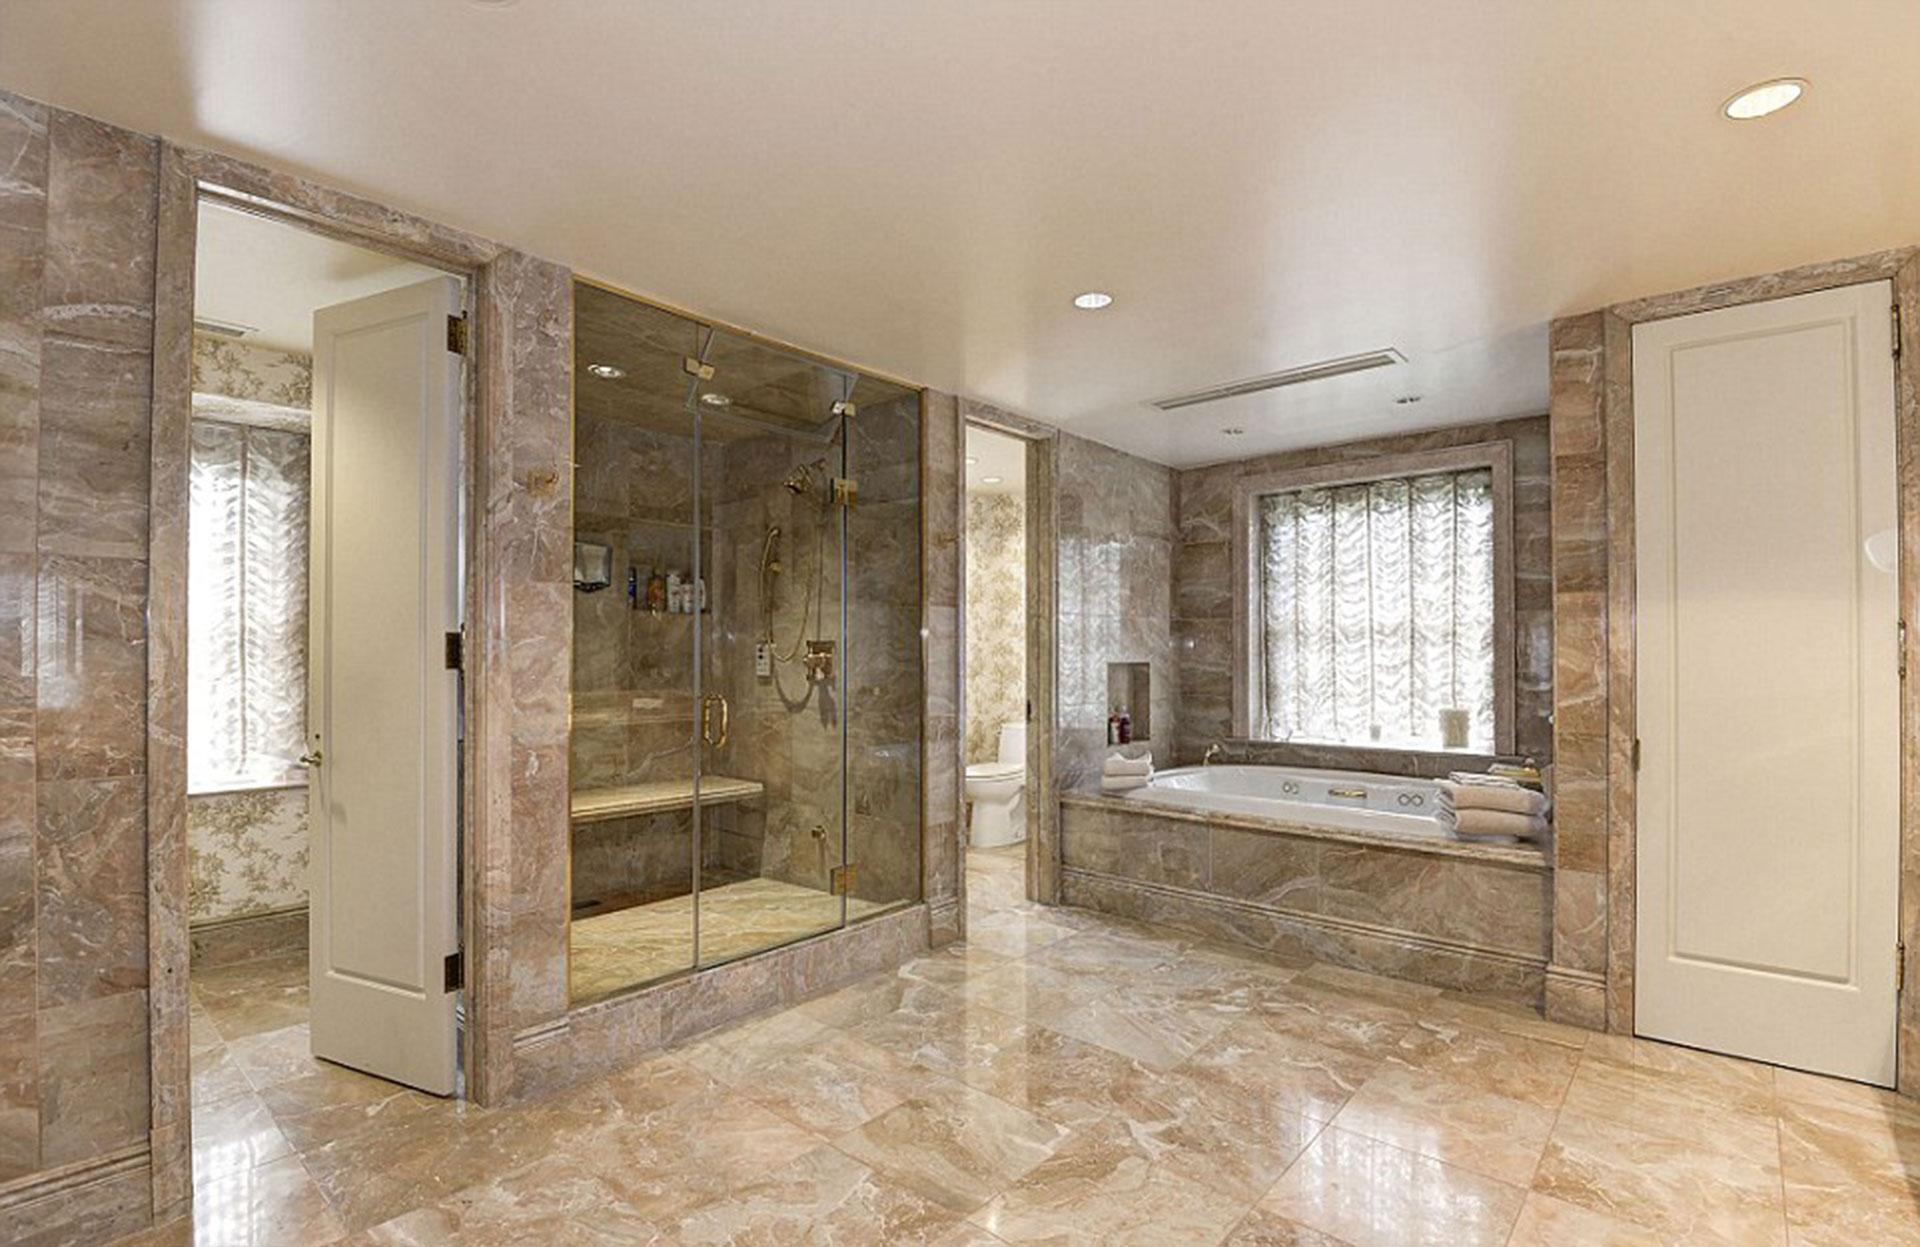 El imponente baño con una bañera, una ducha y un pequeño Spa en la que predomina el marmol